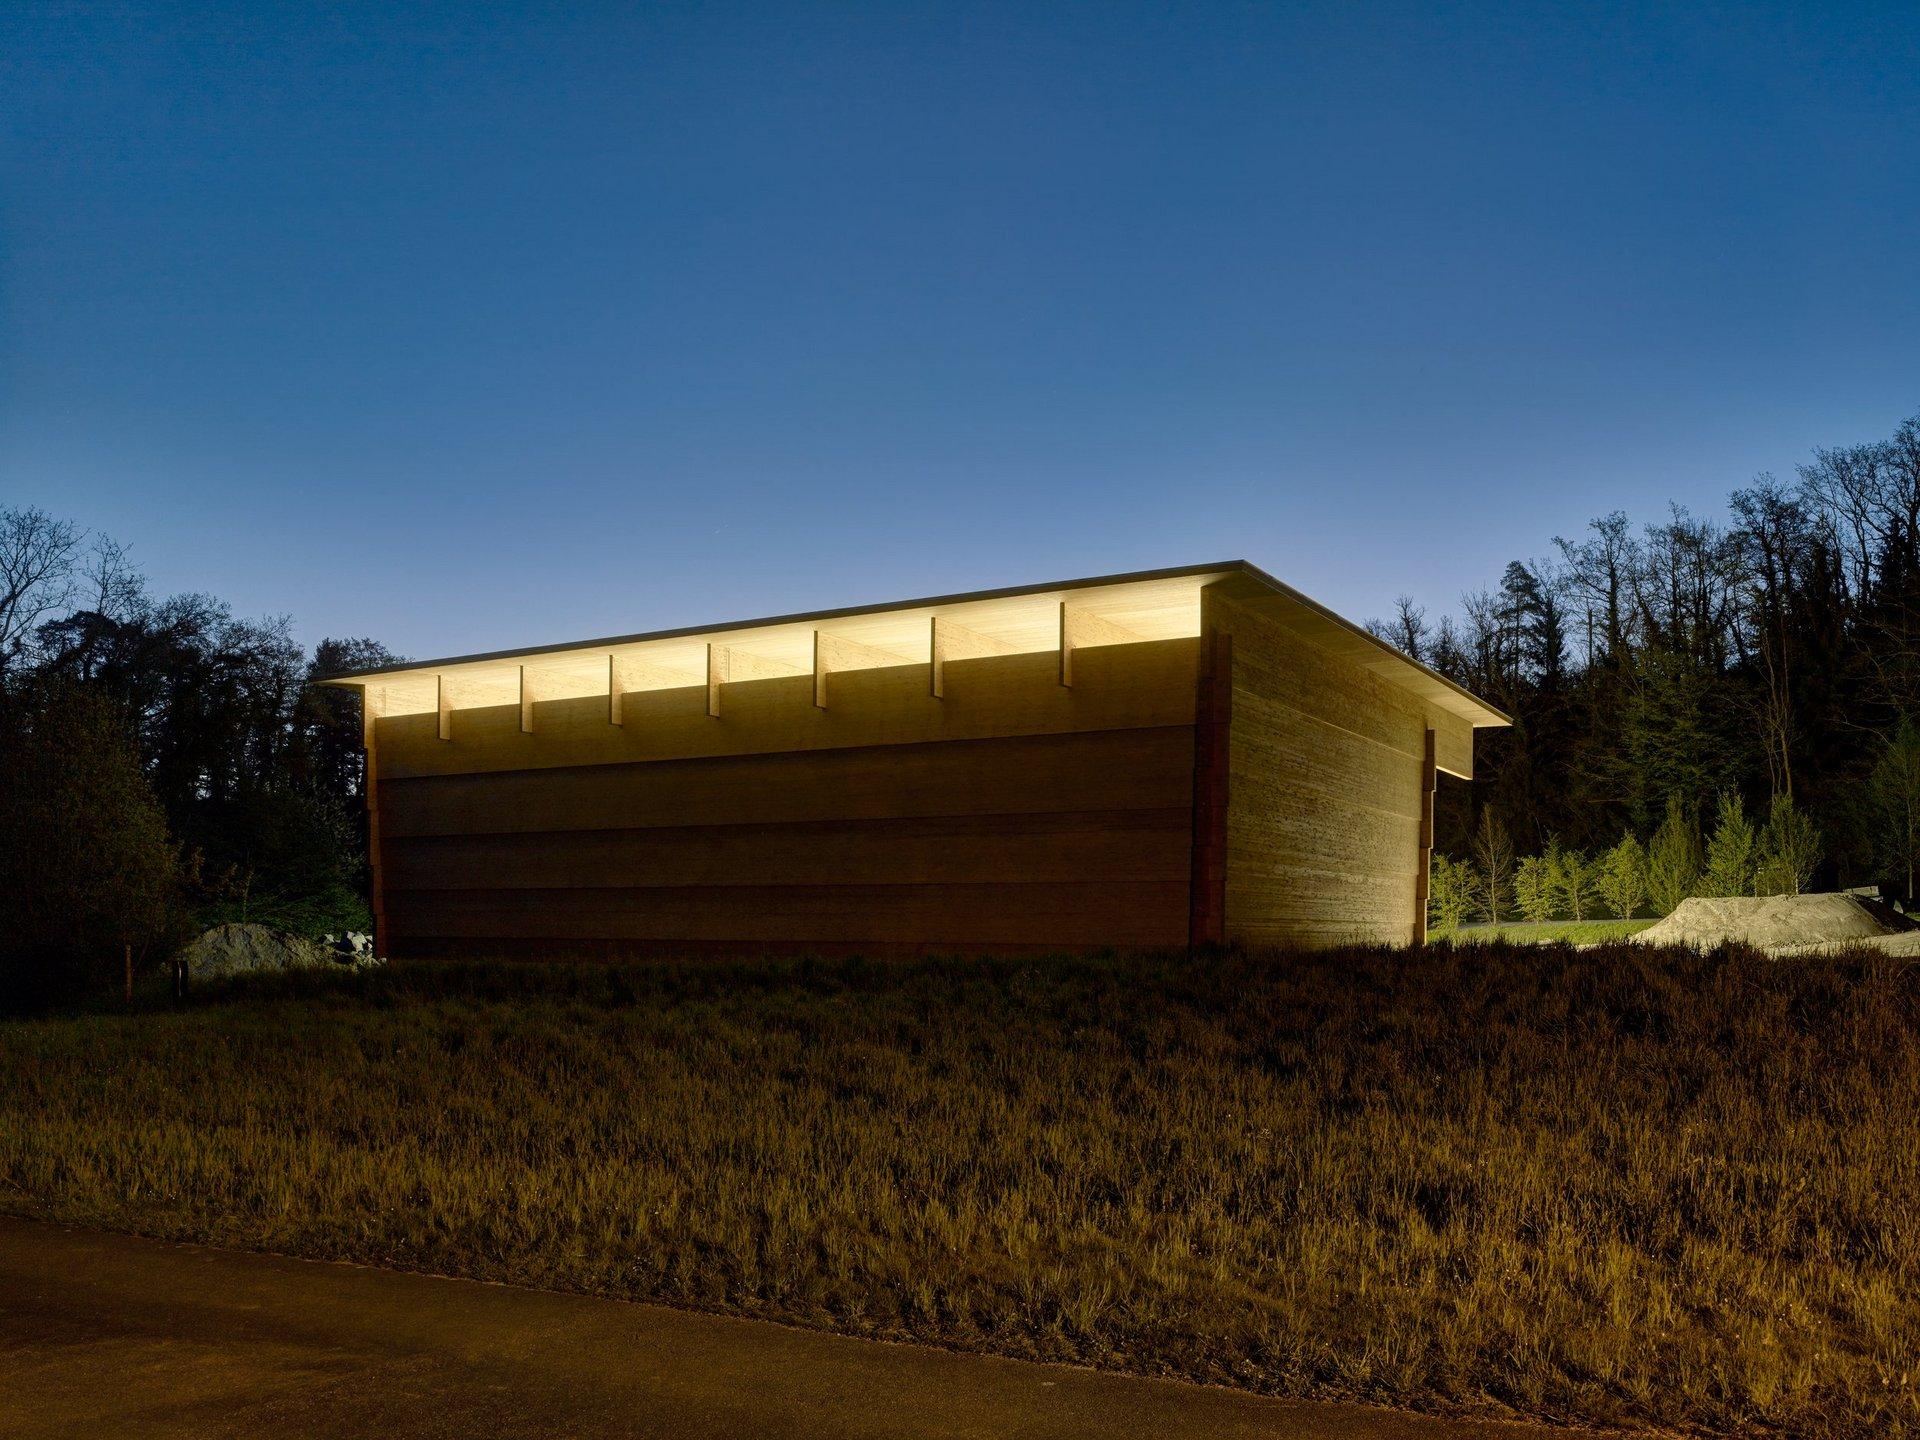 Werkhalle in Blockbauweise mit Spannweite von 26m von vorne